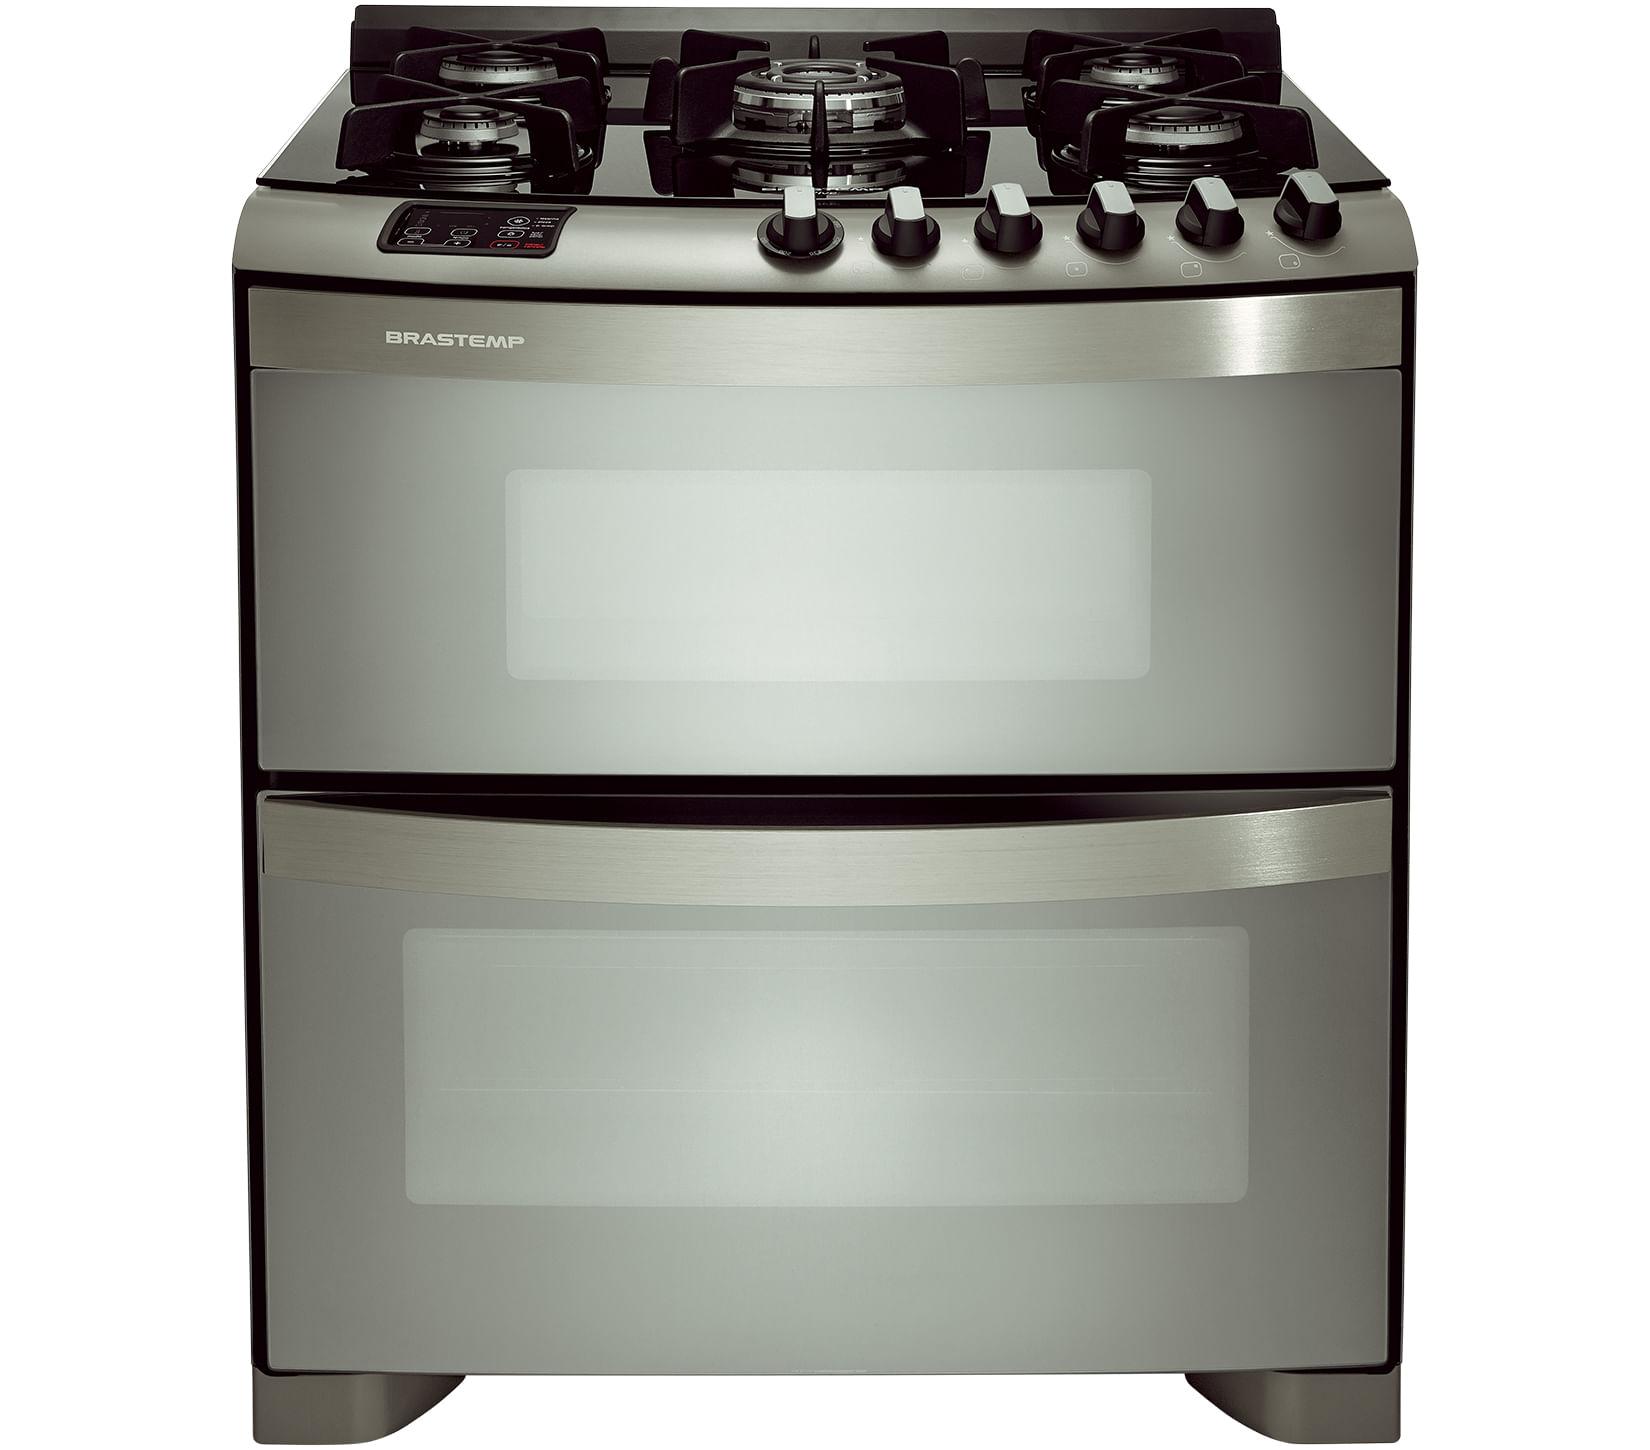 Fogão Brastemp 5 bocas duplo forno cor Inox com mesa de vidro e quadrichama